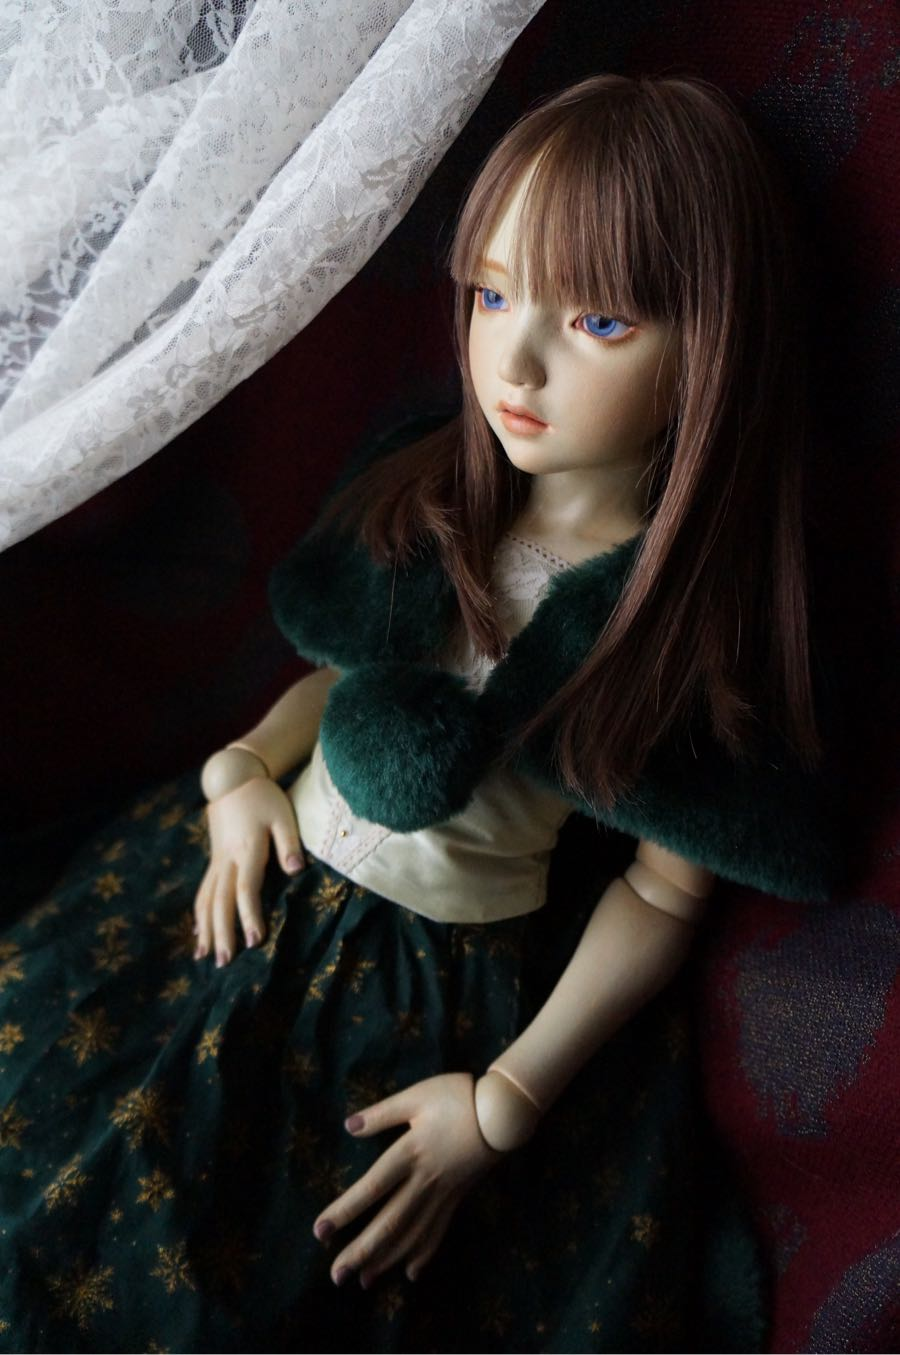 rblog-20181120123029-00.jpg